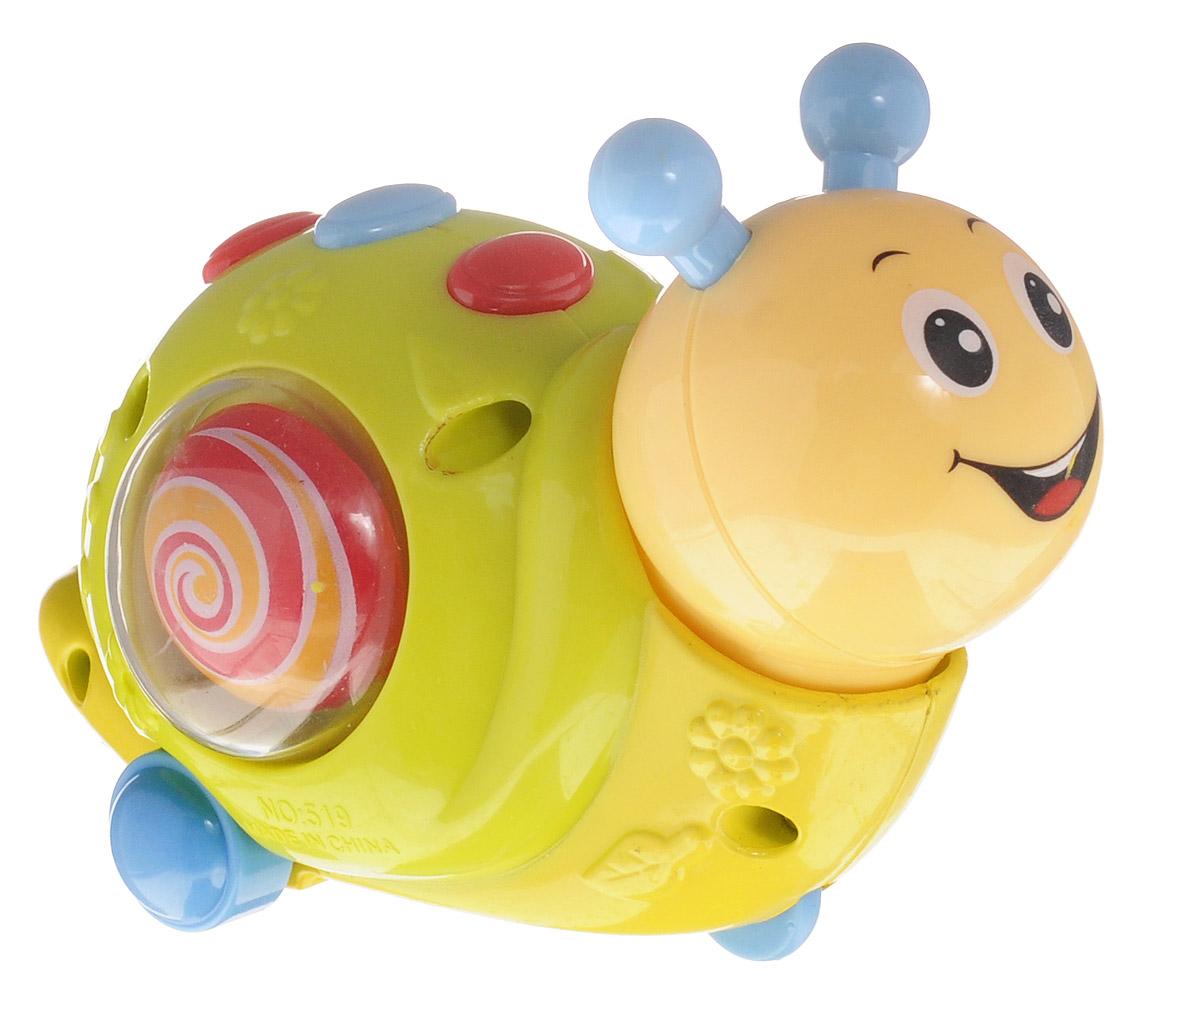 Huile Toys Машинка Улитка559_улиткаЯркая машинка Huile Toys Улитка привлечет внимание вашего малыша и не позволит ему скучать! Выполненная из безопасного пластика с элементами из металла, игрушка представляет собой забавную машинку в виде улитки. Округлые, без острых углов, формы гарантируют безопасность даже самым маленьким. Для запуска машинки необходимо завести игрушку с помощью встроенного ключика, и затем отпустить. Во время движения игрушка забавно качает головой, на раковине улитки с двух сторон вращаются разноцветные кружочки. Игрушка поможет ребенку в развитии воображения, мелкой моторики рук и цветового восприятия. Сделайте вашему малышу такой замечательный подарок!